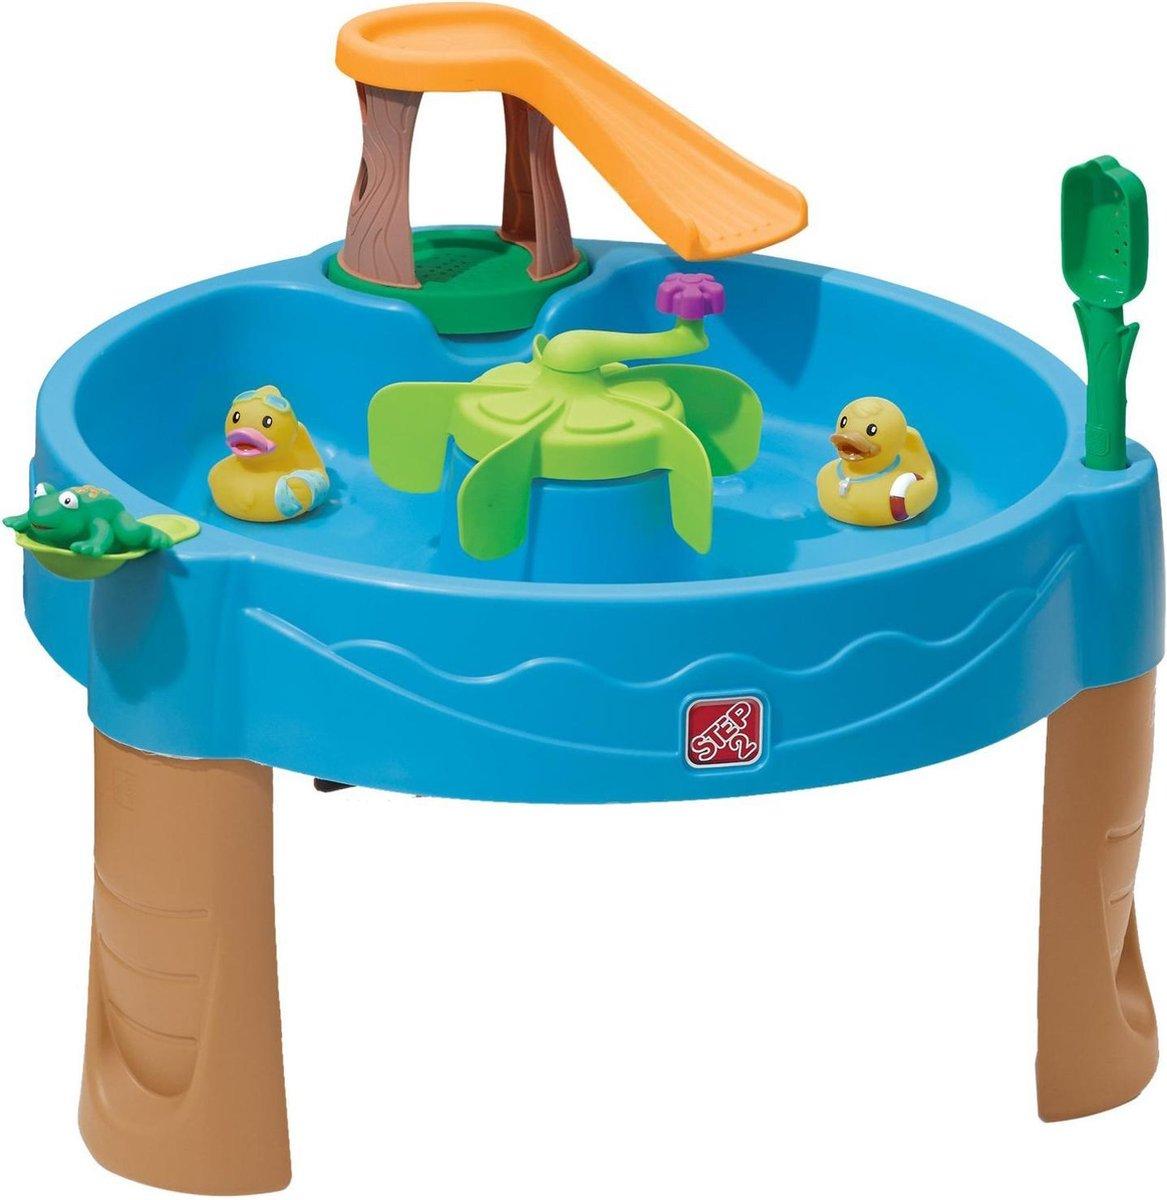 Step2 Watertafel Duck Pond - Incl. eendjes, spuitende kikker, schep en flipper